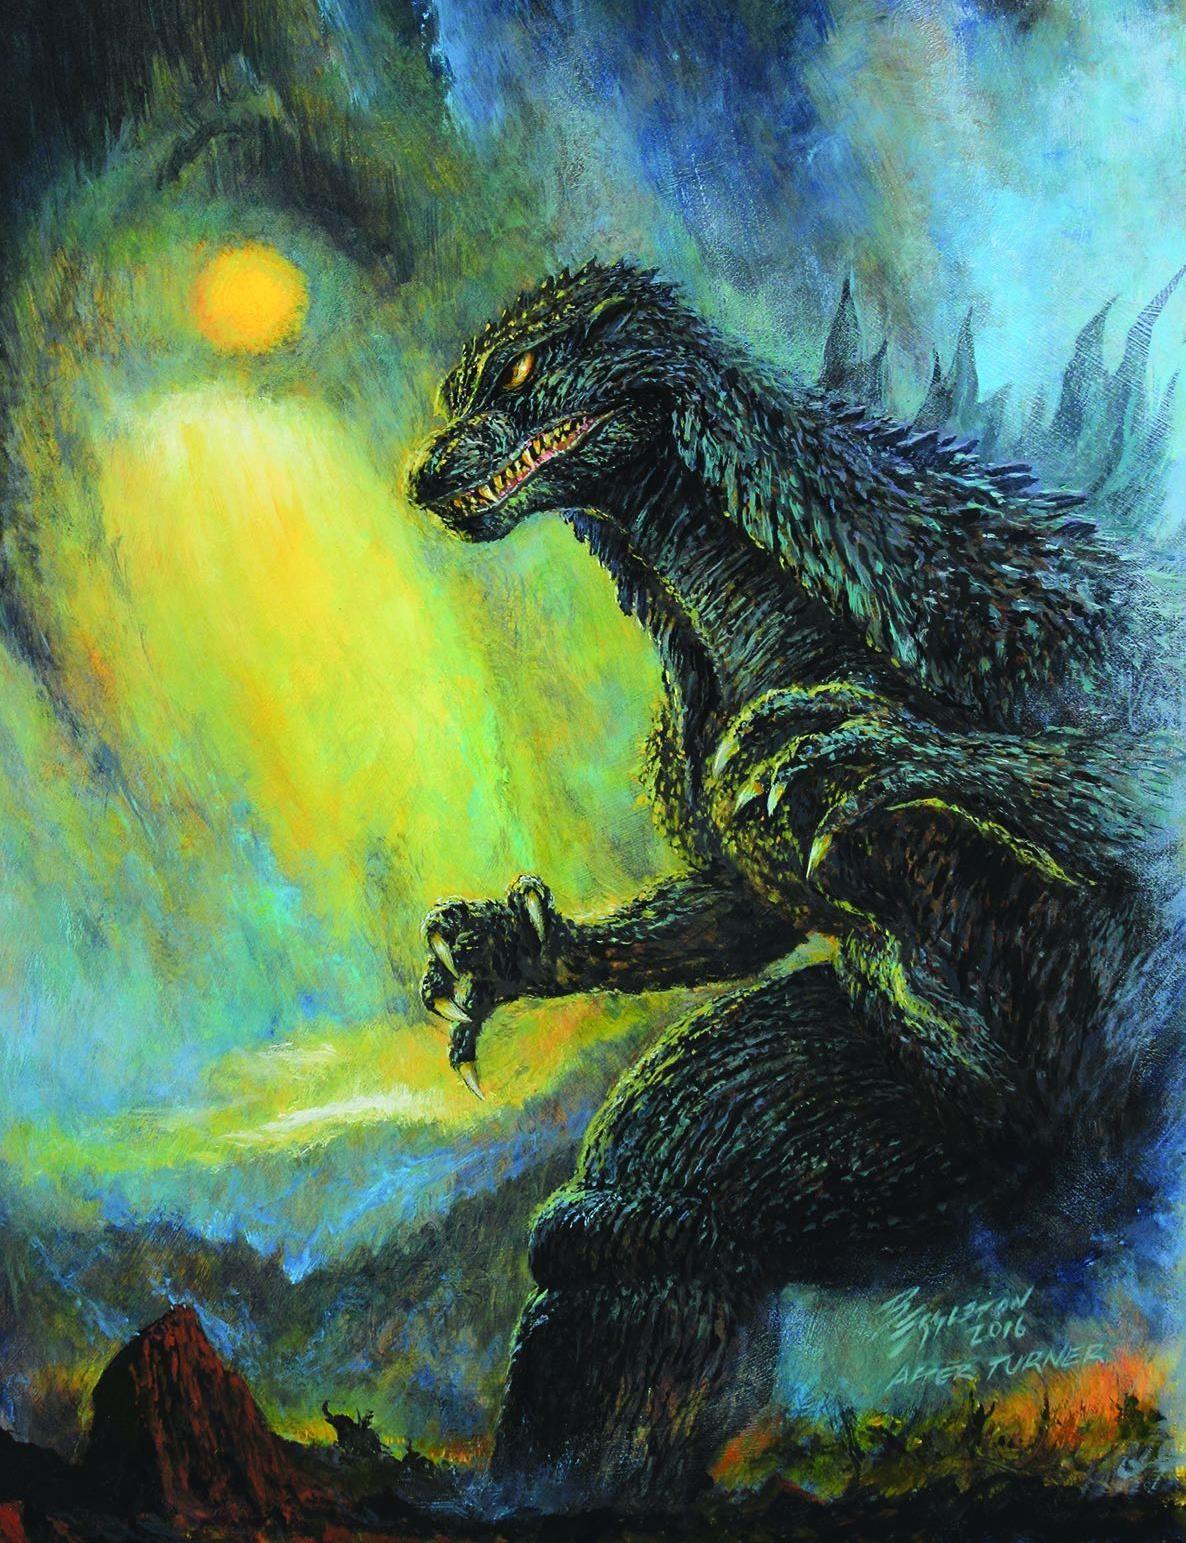 Godzilla art by Bob Eggleton Godzilla, Godzilla comics